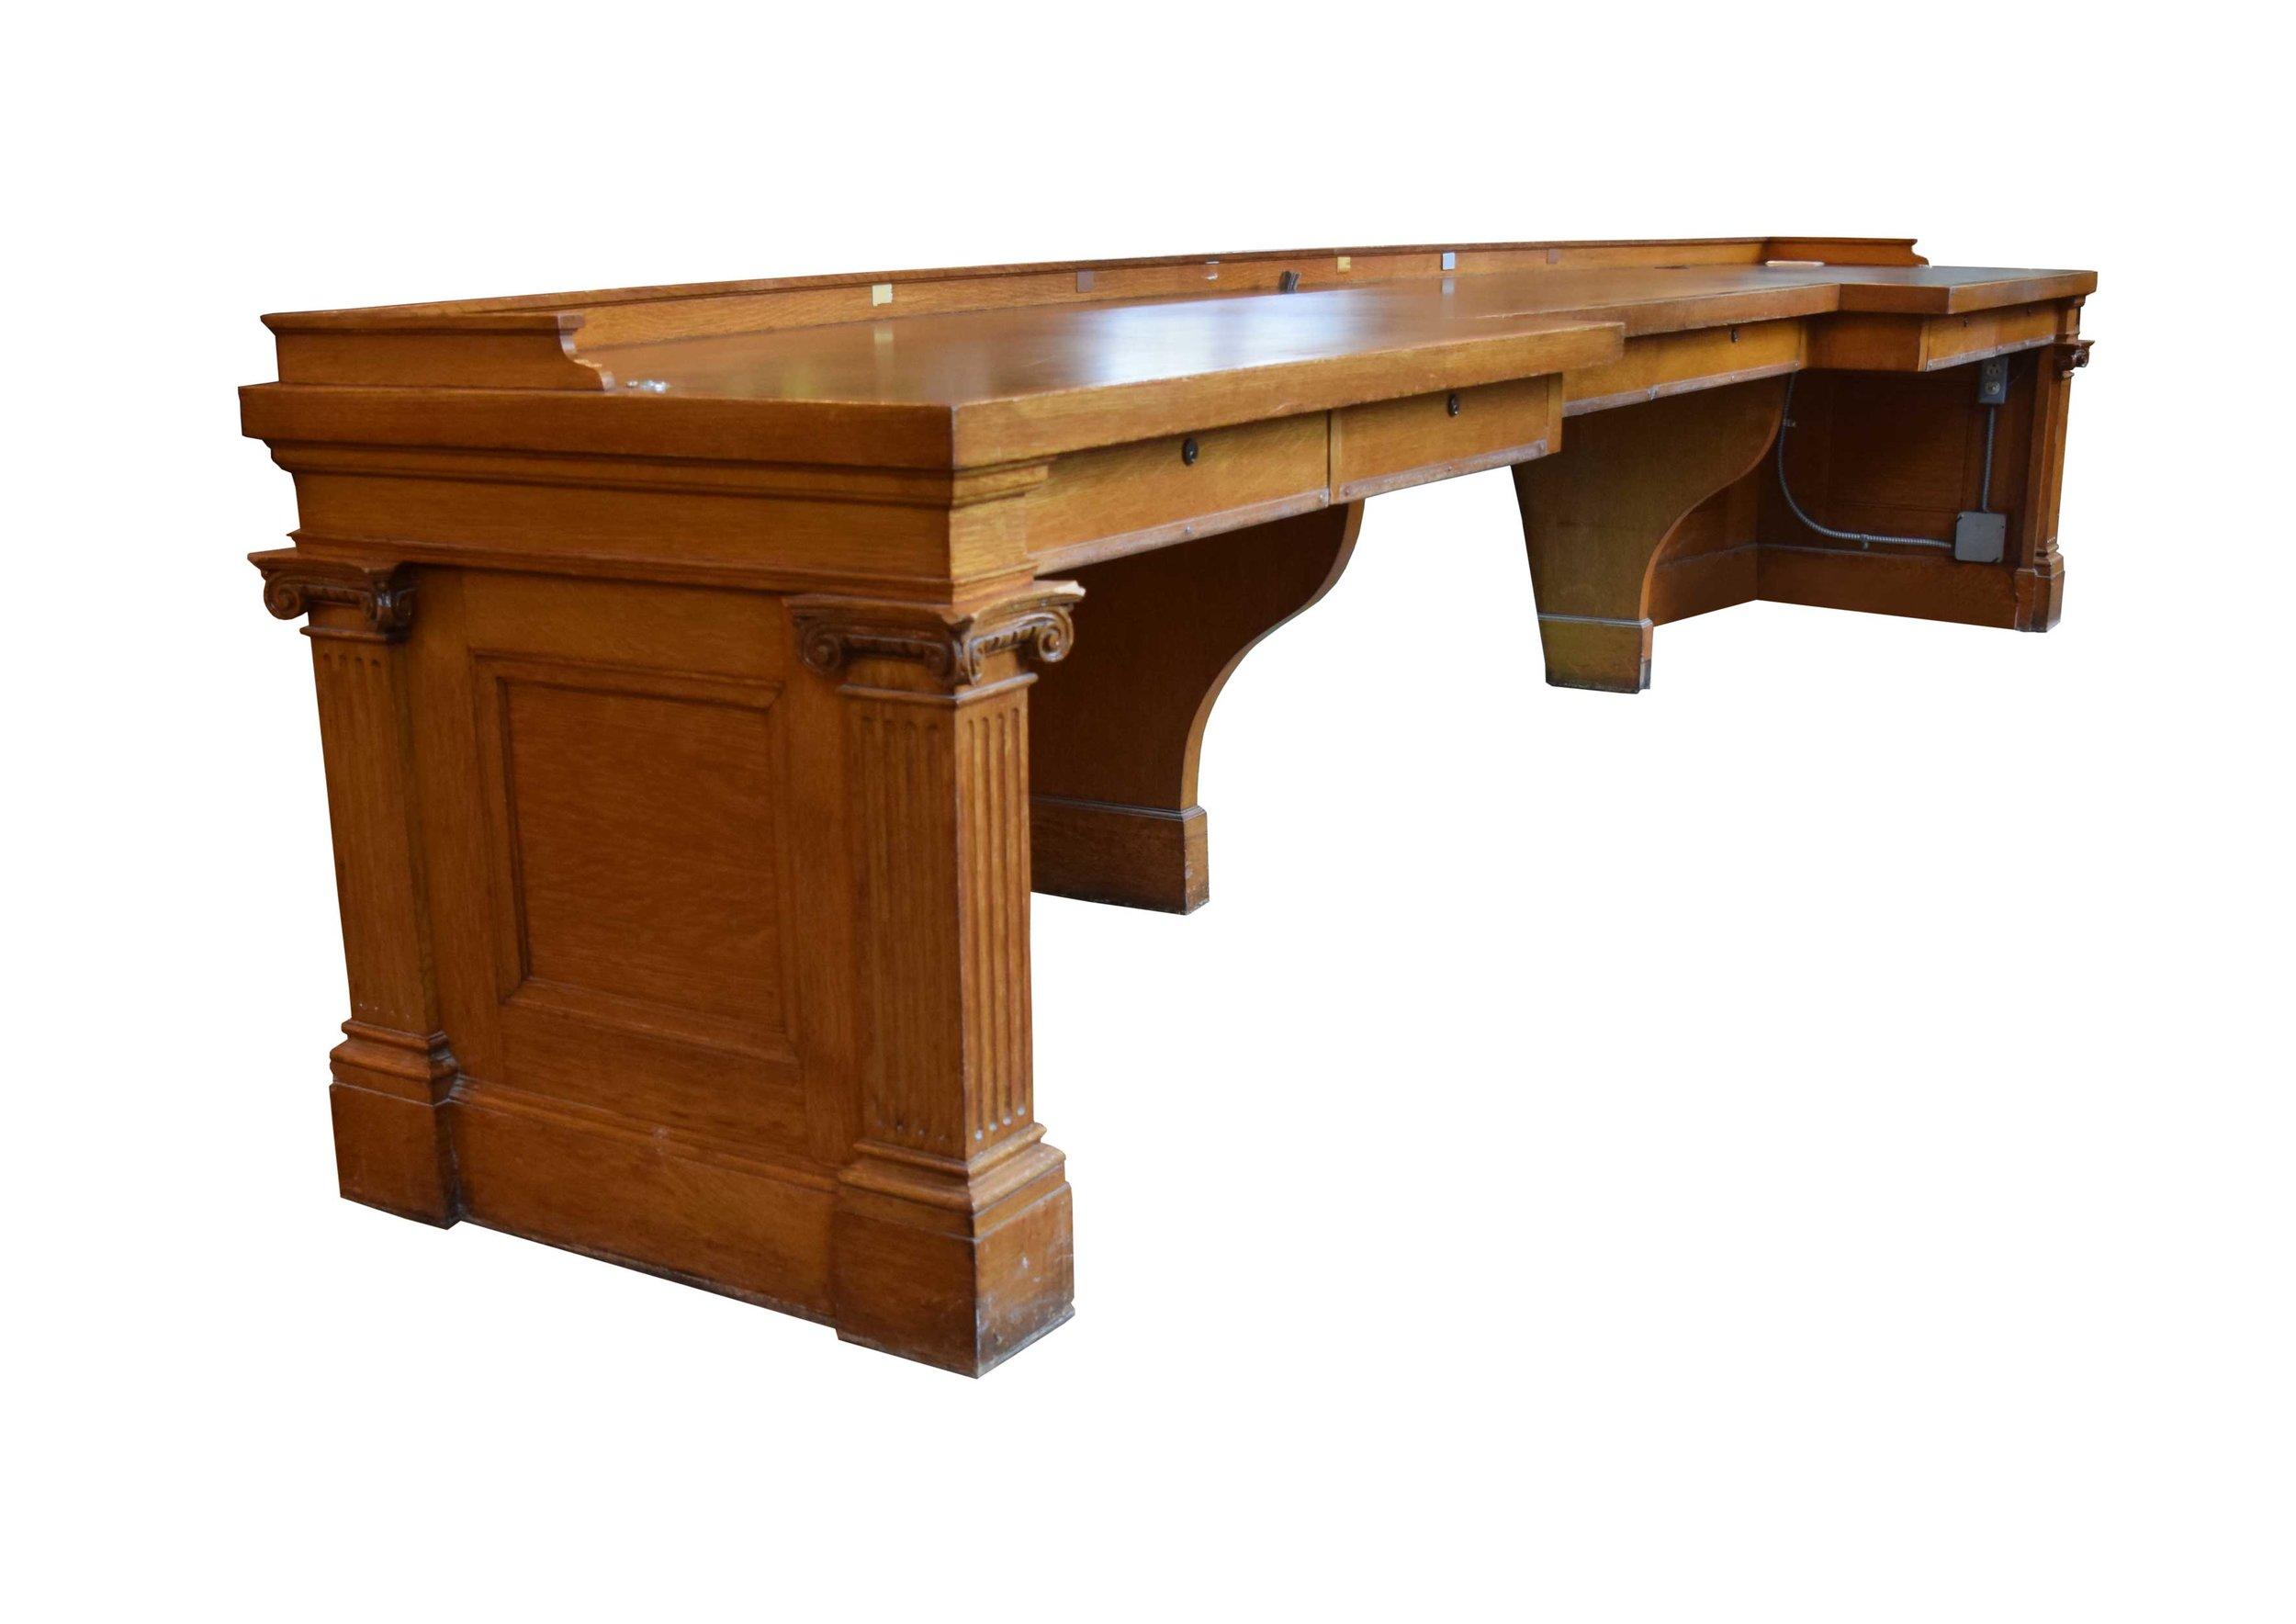 47981_oak_judges_bench_back.jpg